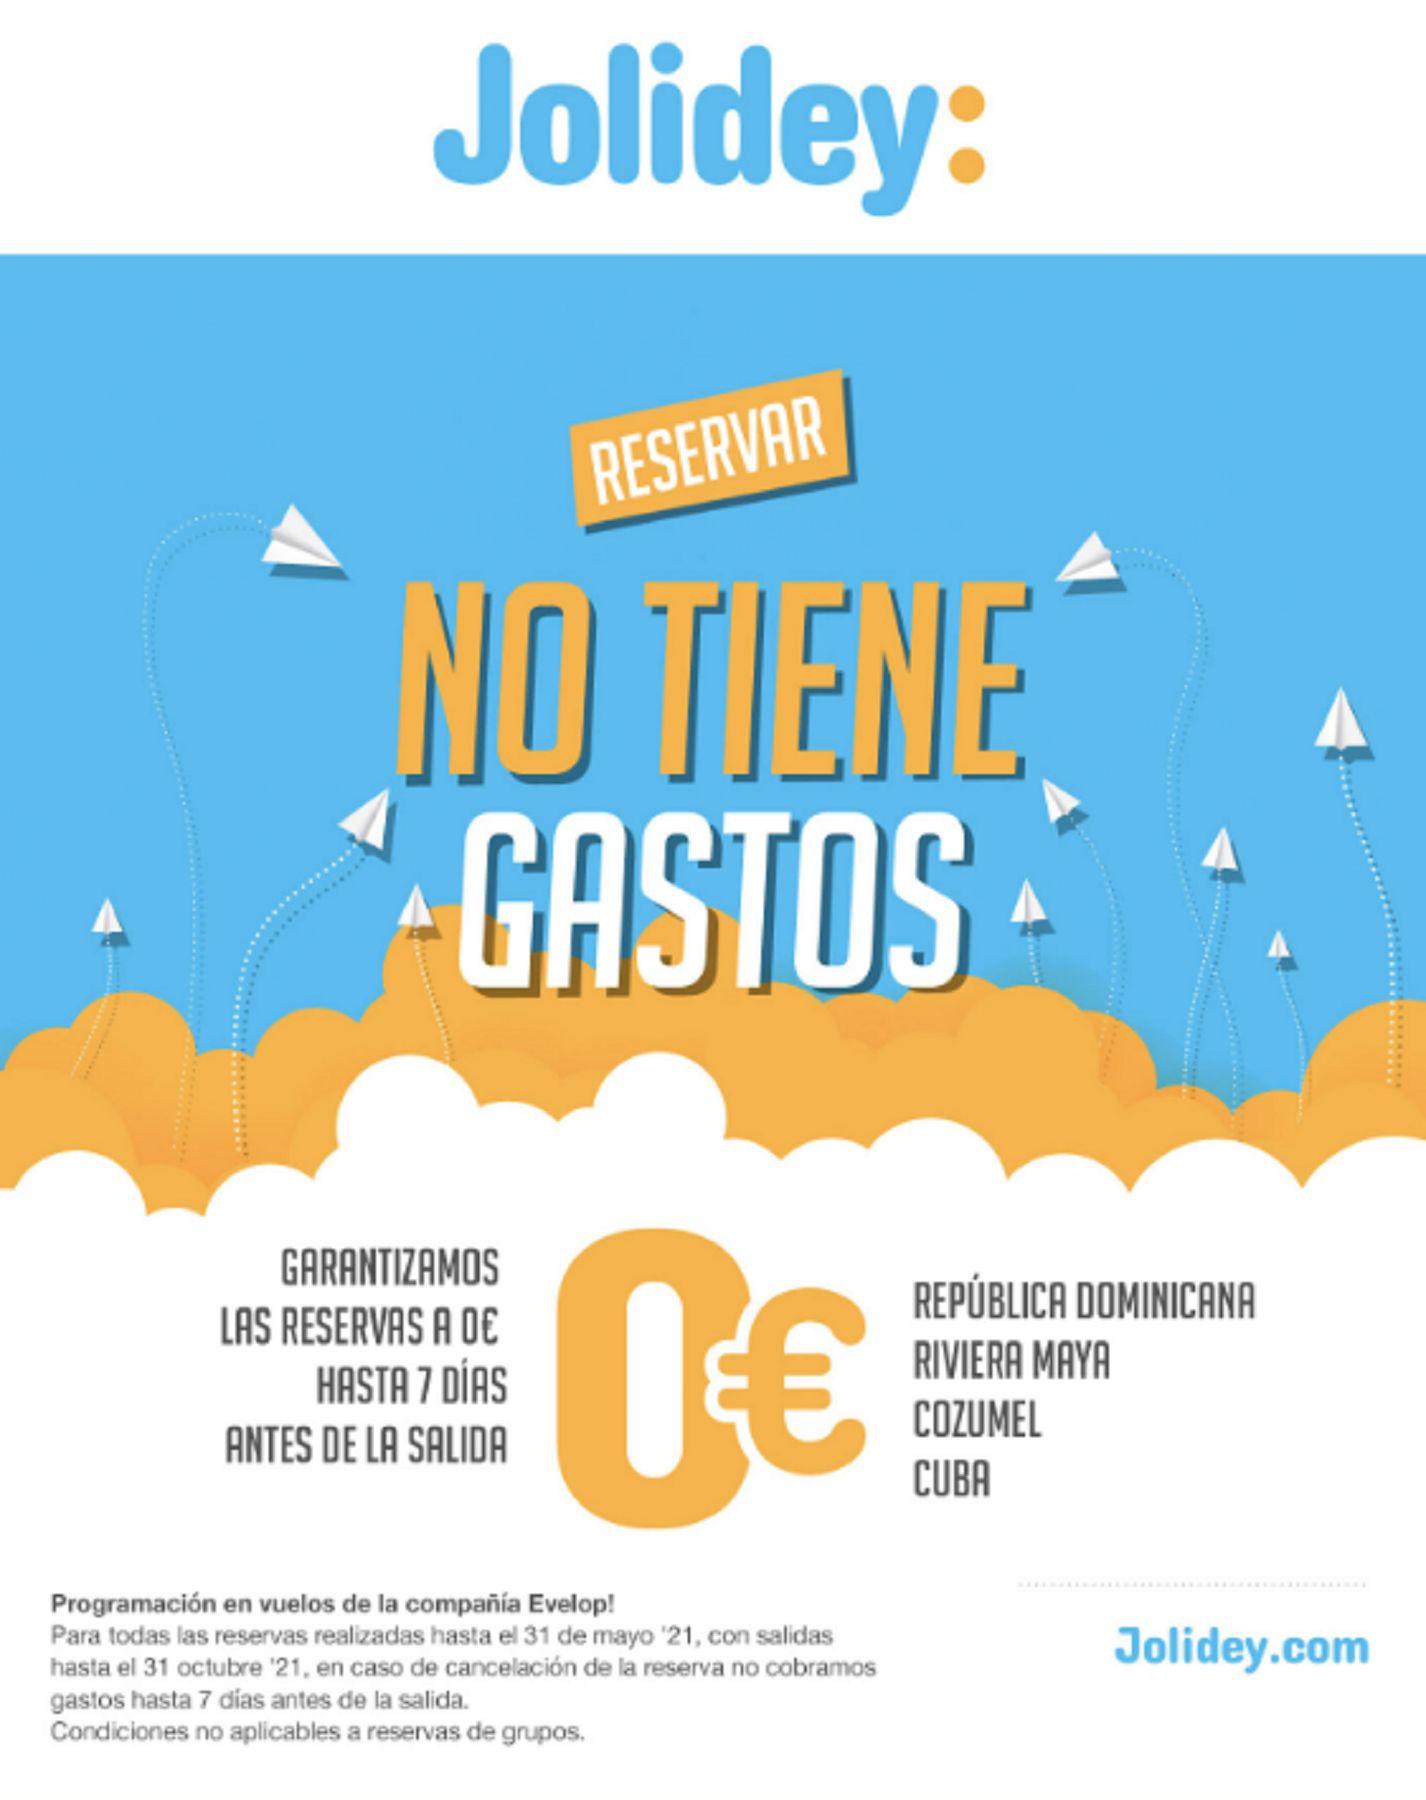 Oferta Jolidey verano 2021 Republica Dominicana Riviera maya Cozumel Cuba reservas sin gastos hasta 7 dias antes de la salida